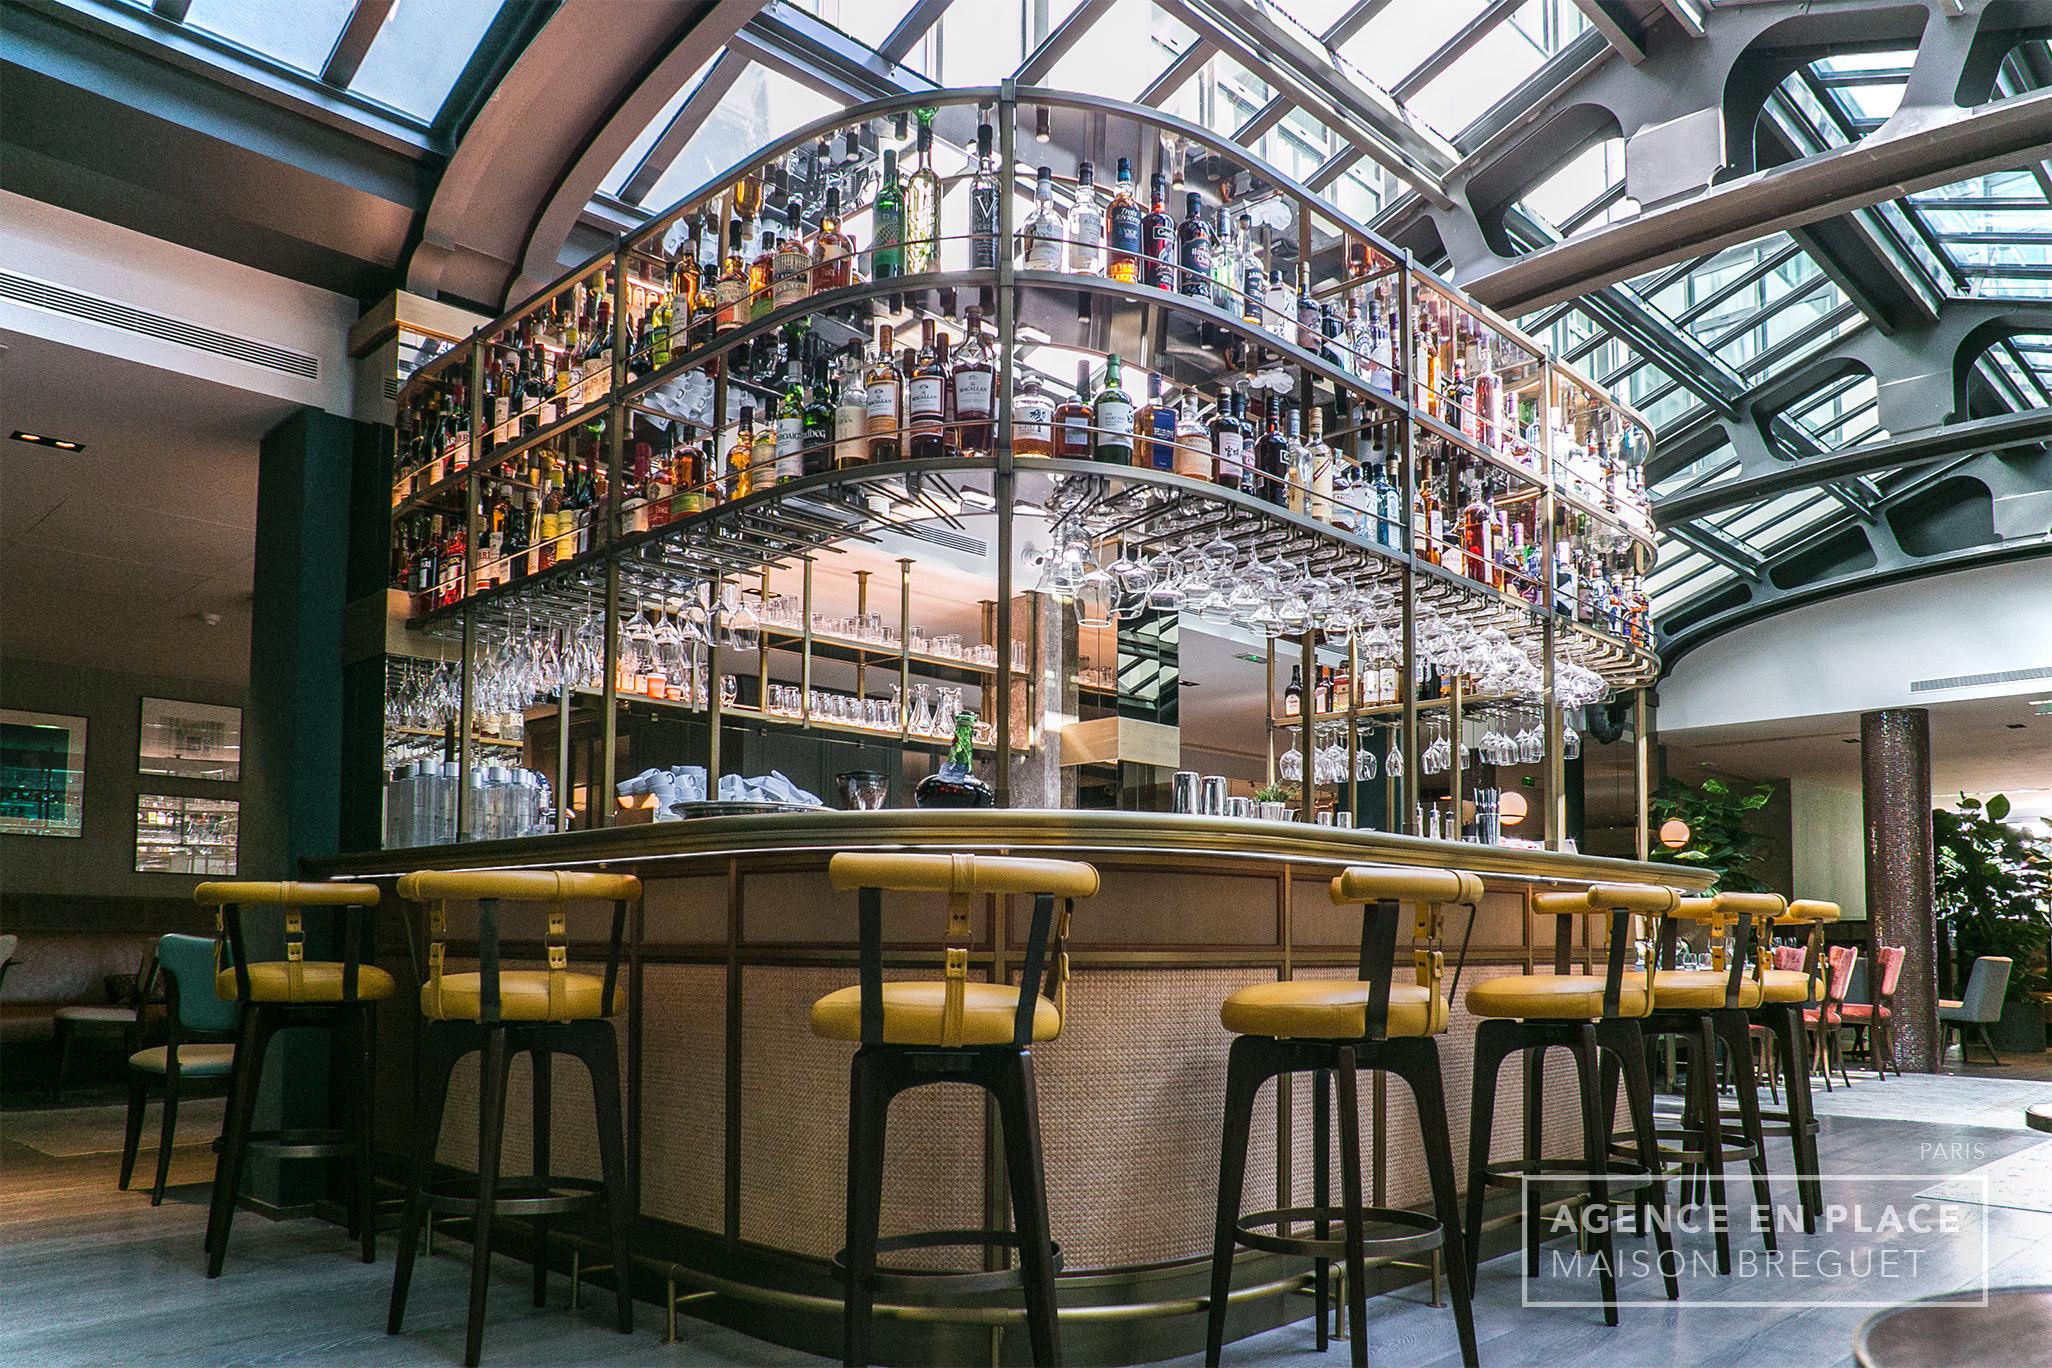 maison-breguet-agenceenplace-cocktailsbar-001